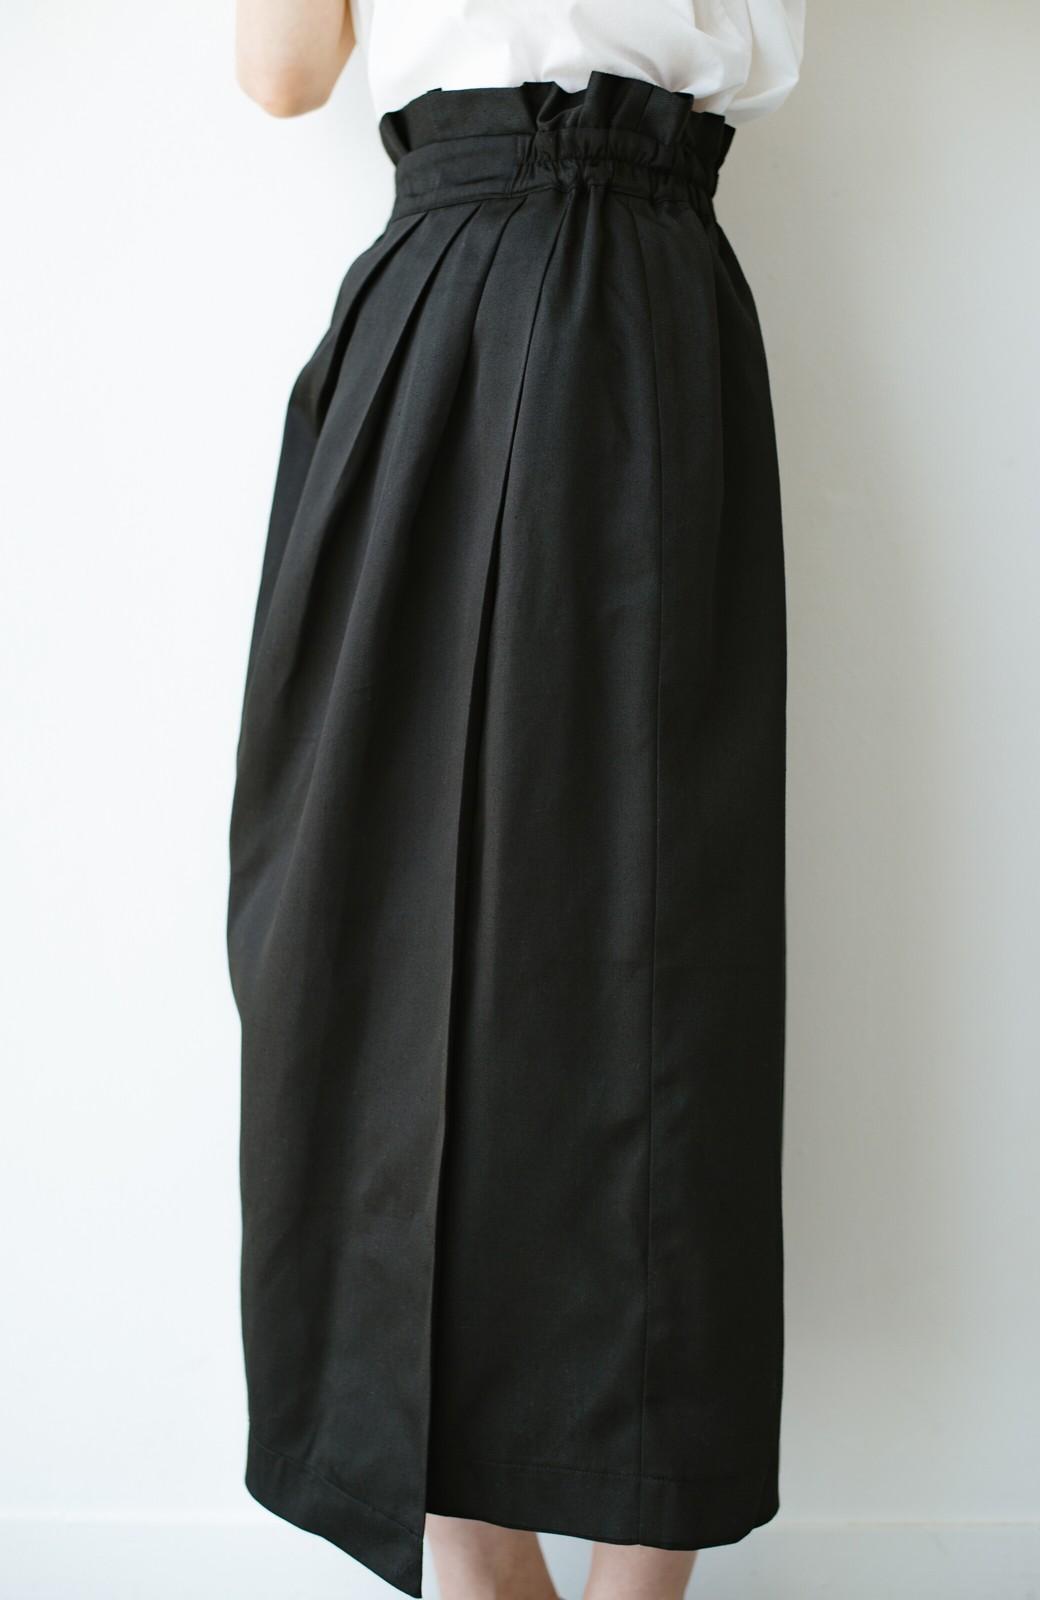 haco! 華やかになるなら今だ!女っぽタックスカート【キラキラ期】女の子バンザイ!プロジェクト <ブラック>の商品写真8